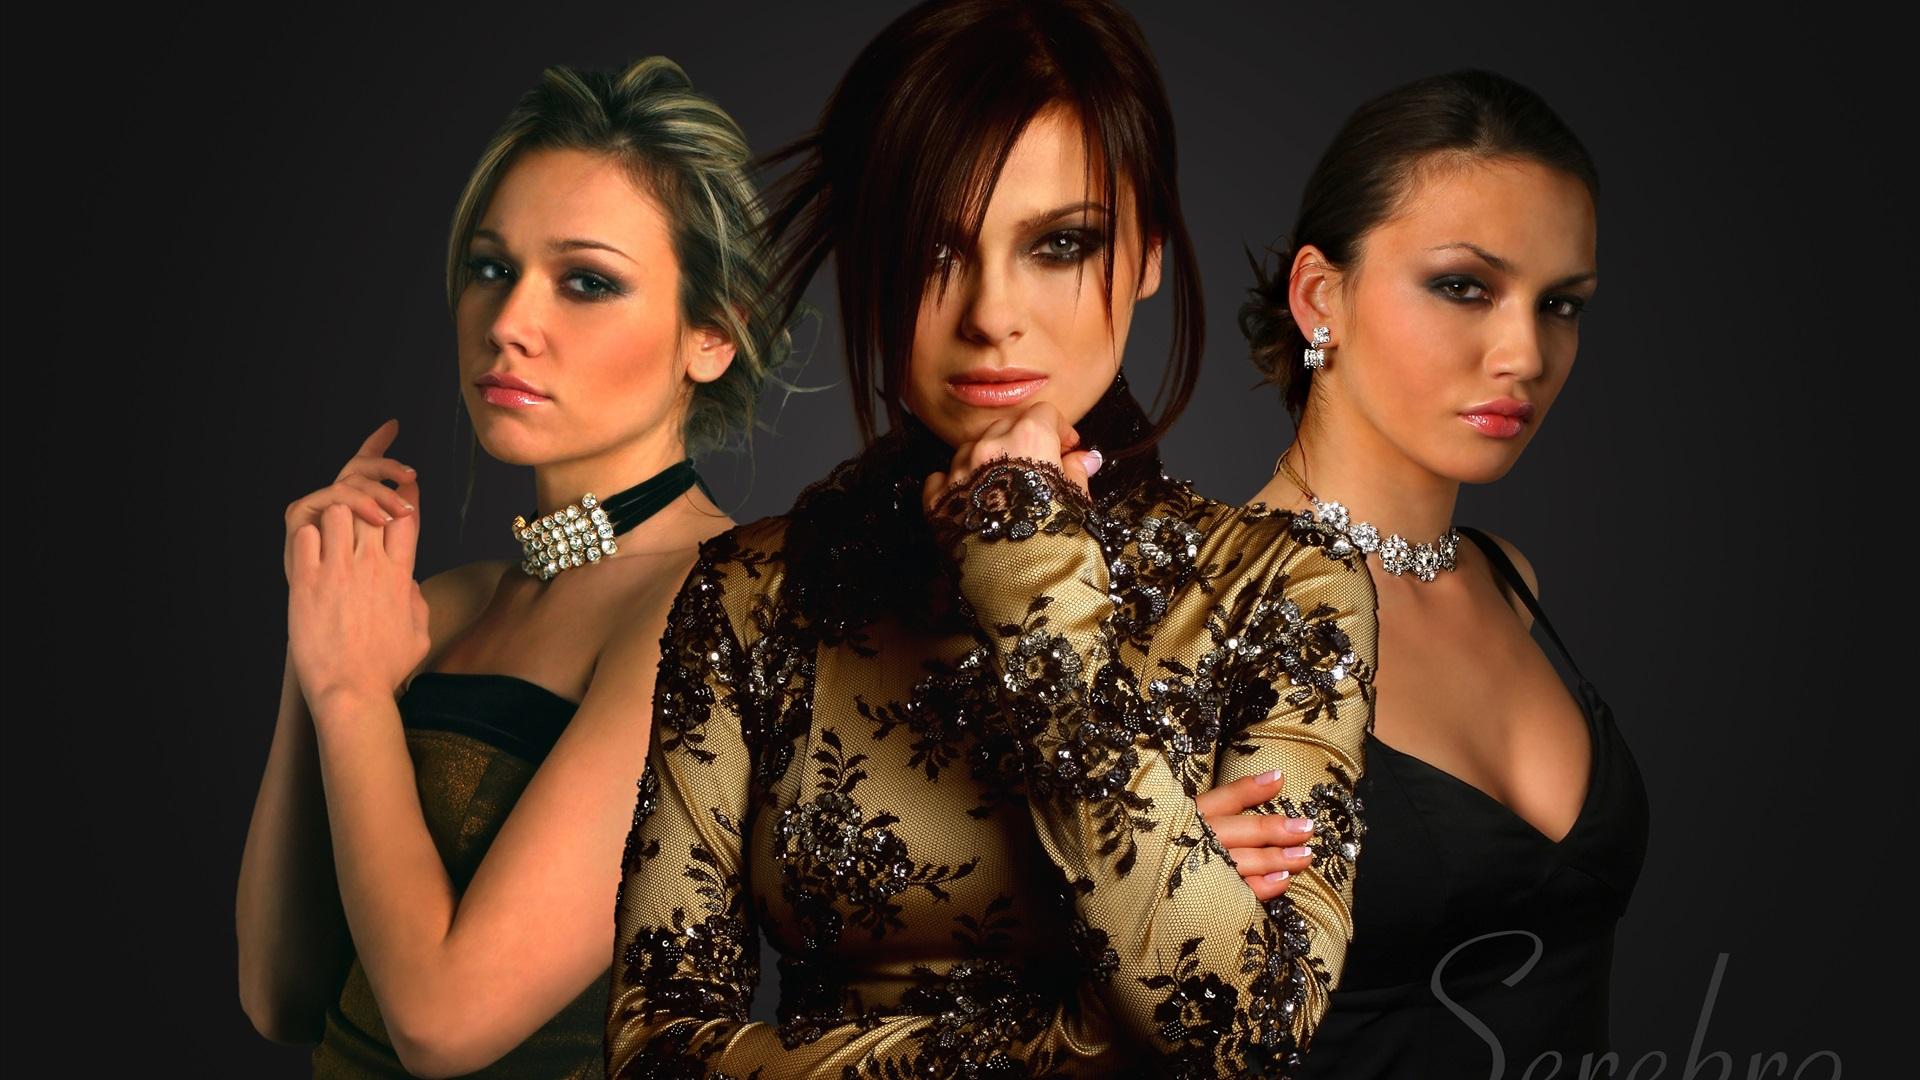 grupo de tres chicas acompañantes